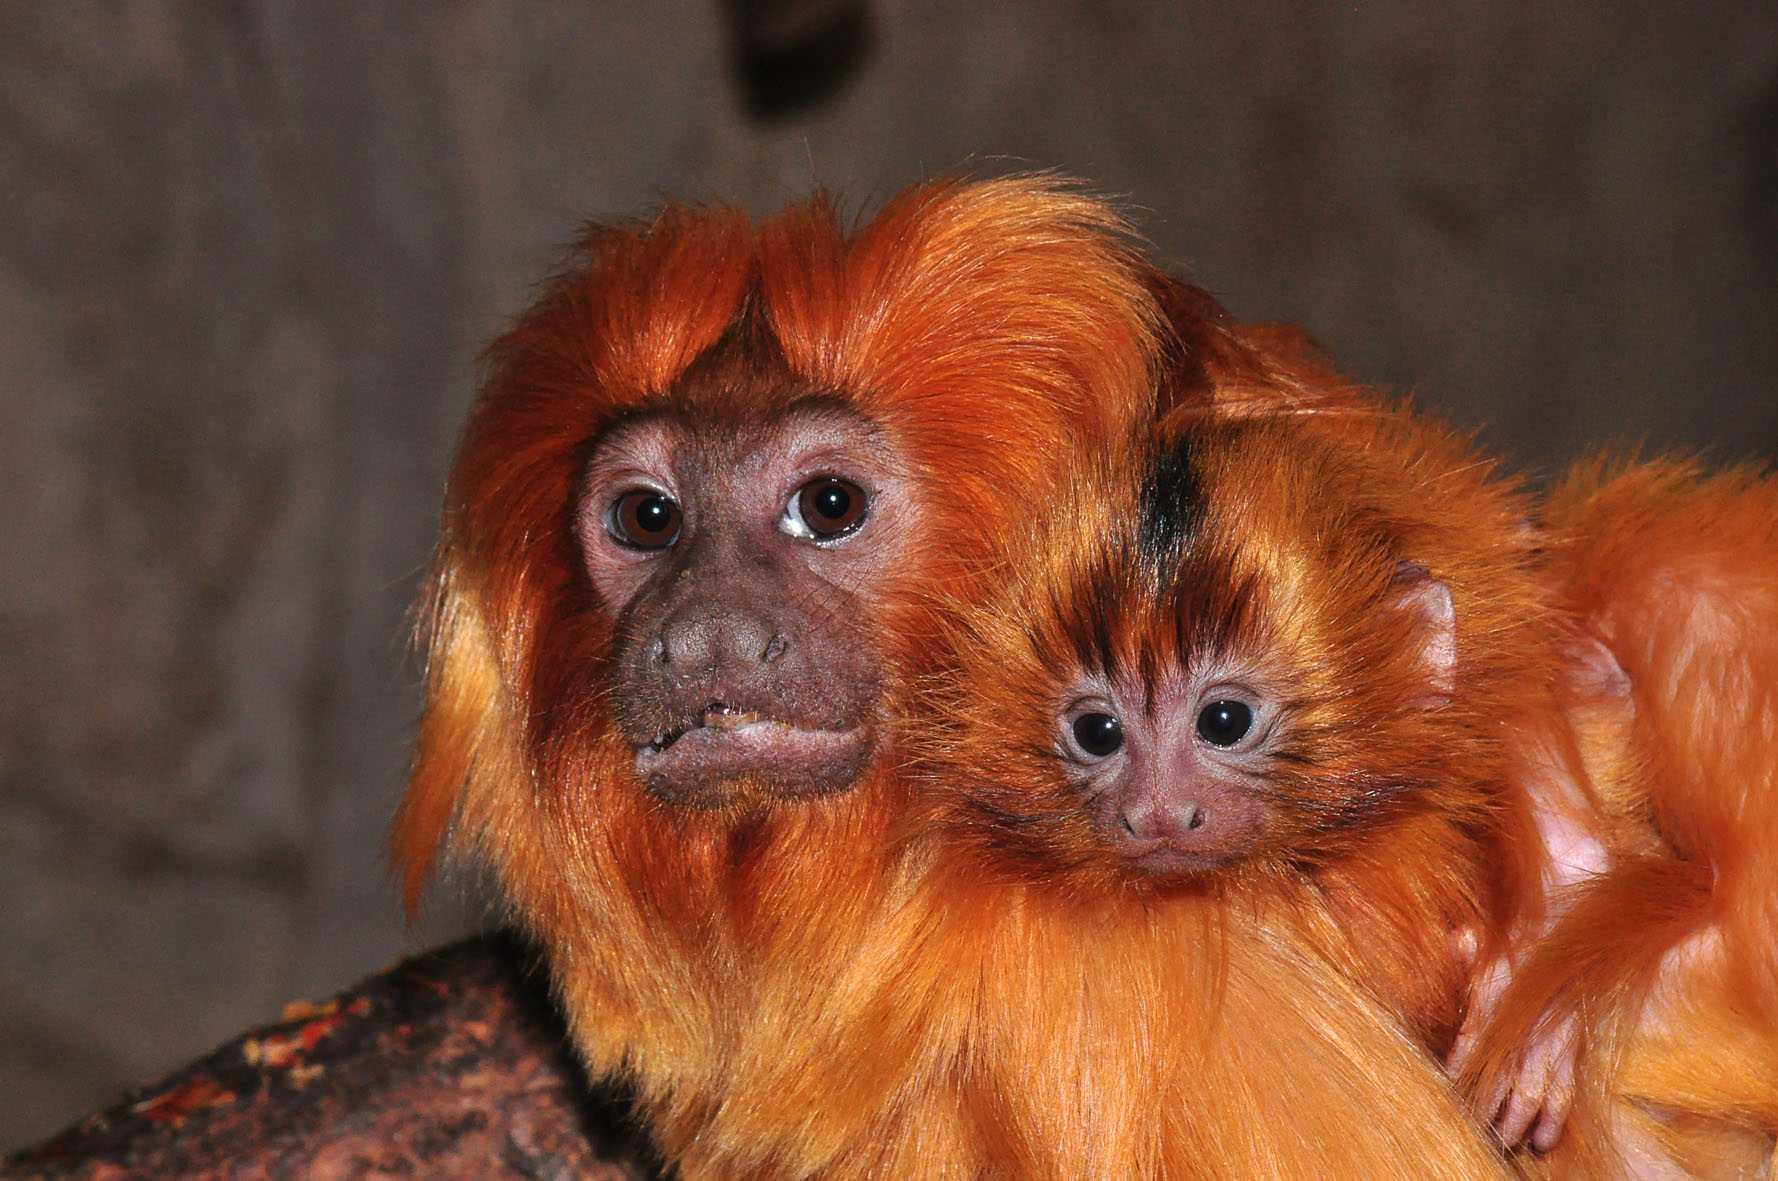 Den uppätna apan var av typen lejontamarin. Just de här aporna bor dock på Skansen.